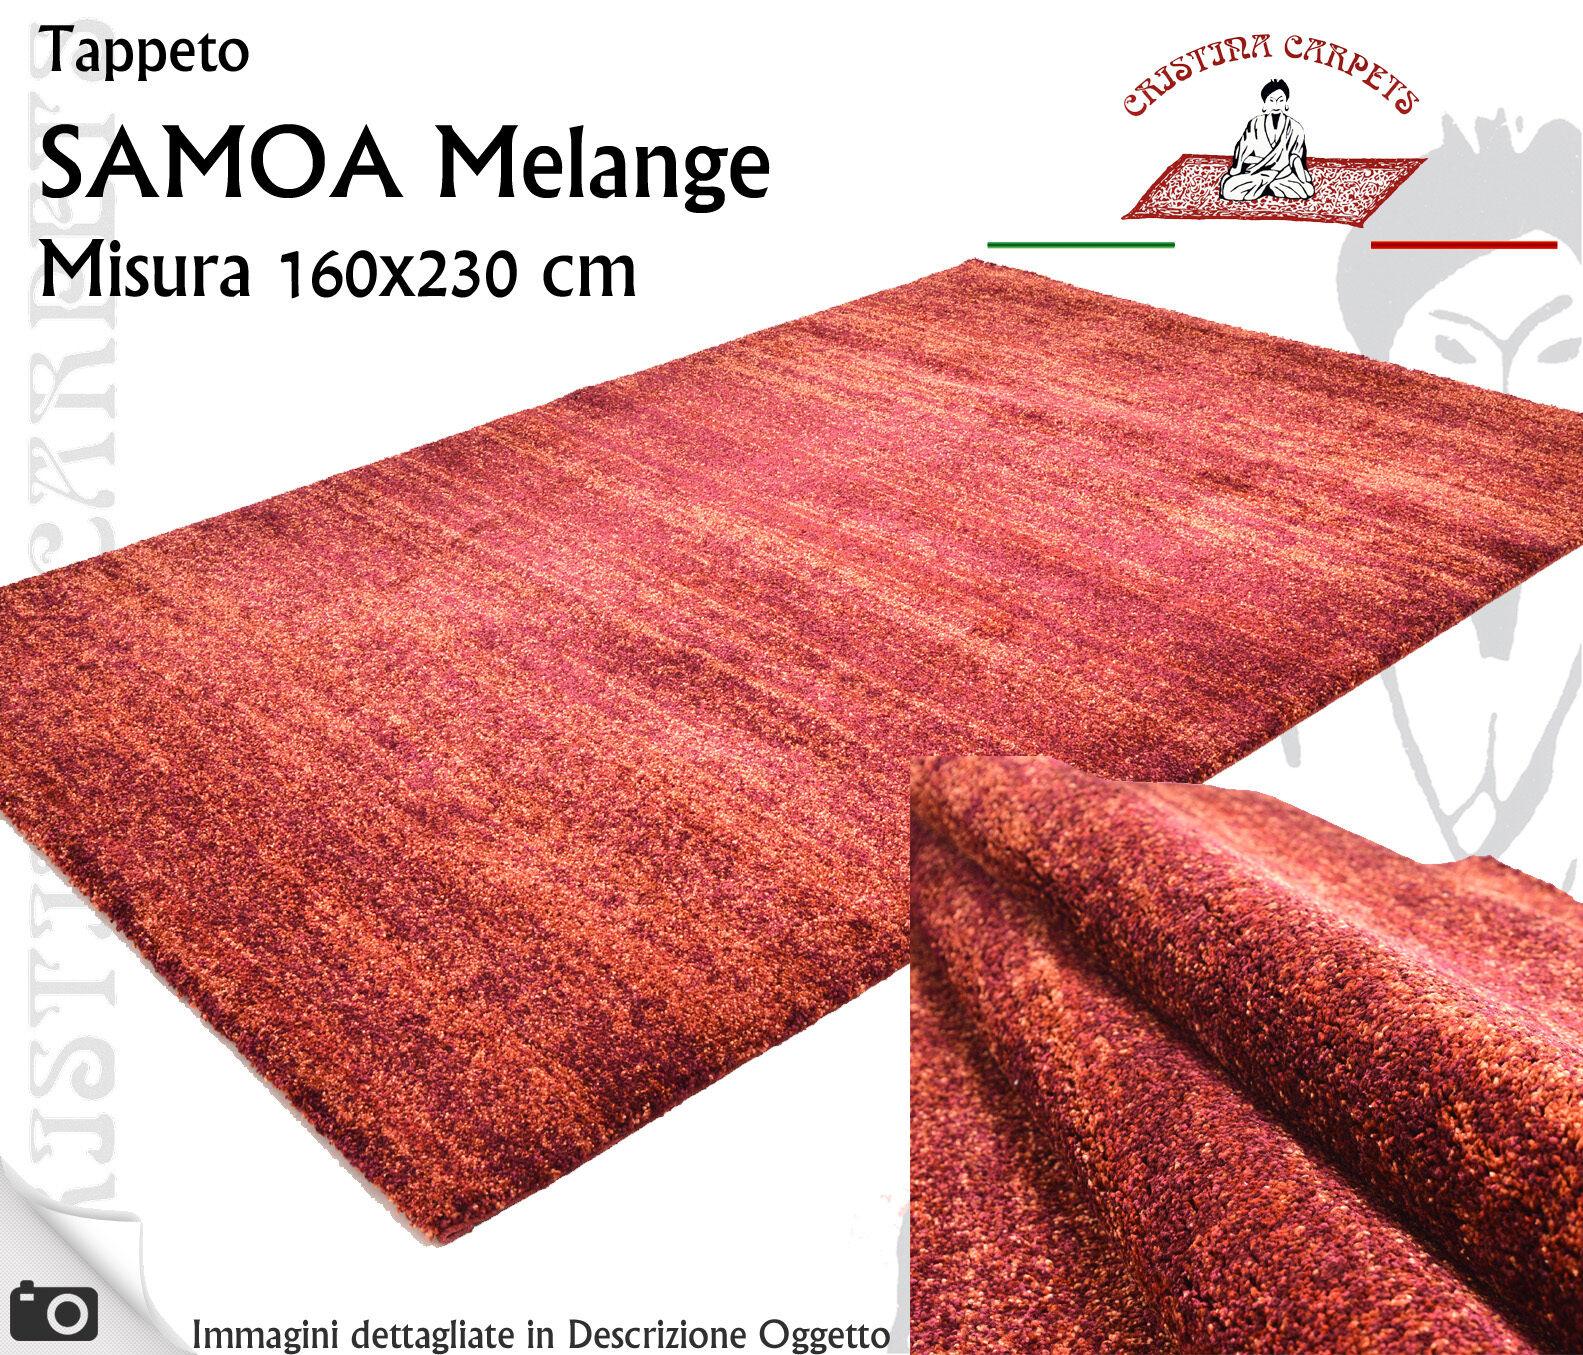 Tappeto Moderno SAMOA Melange 160x230 cm Polipropilene Rosso Melangiato Q2 Q7